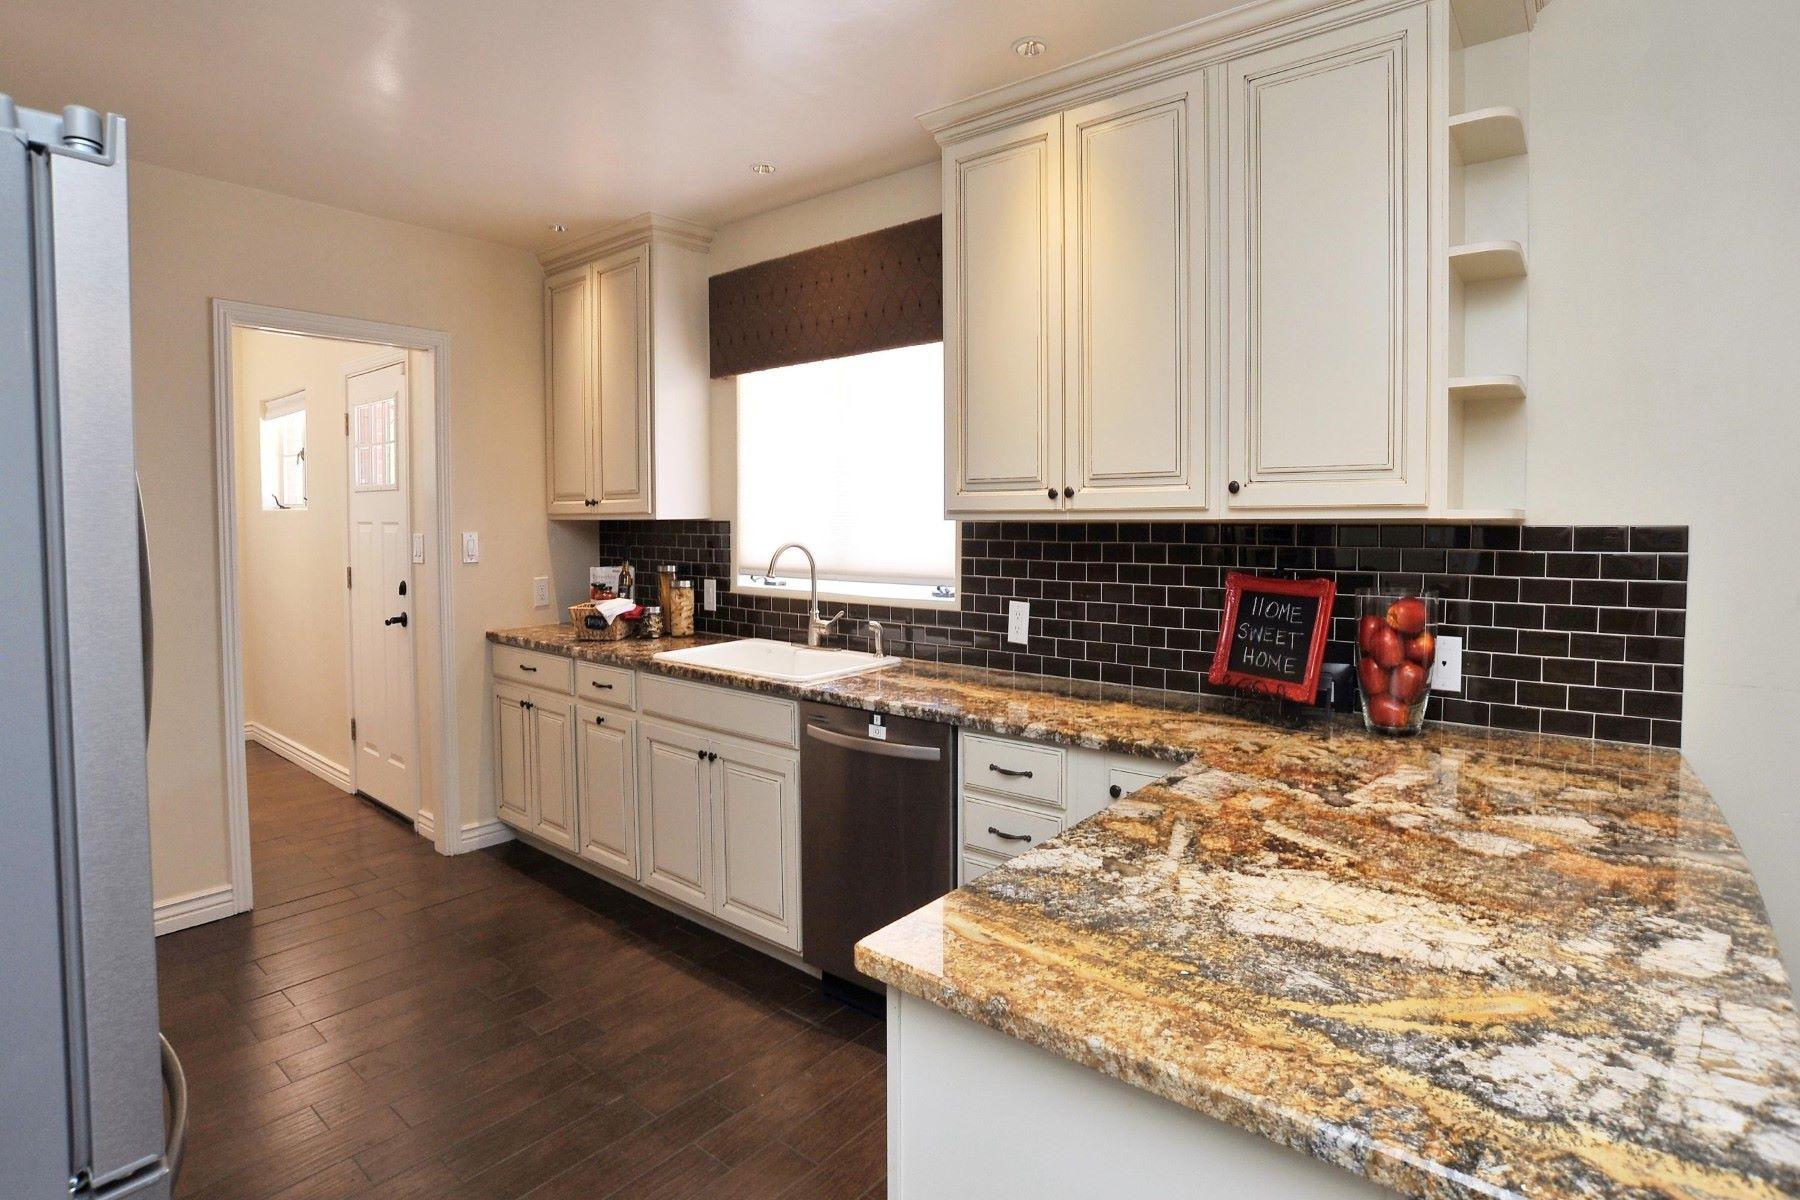 Частный односемейный дом для того Продажа на Stunningly remodeled home in the highly coveted San Clemente neighborhood 121 S La Creciente Tucson, Аризона, 85711 Соединенные Штаты